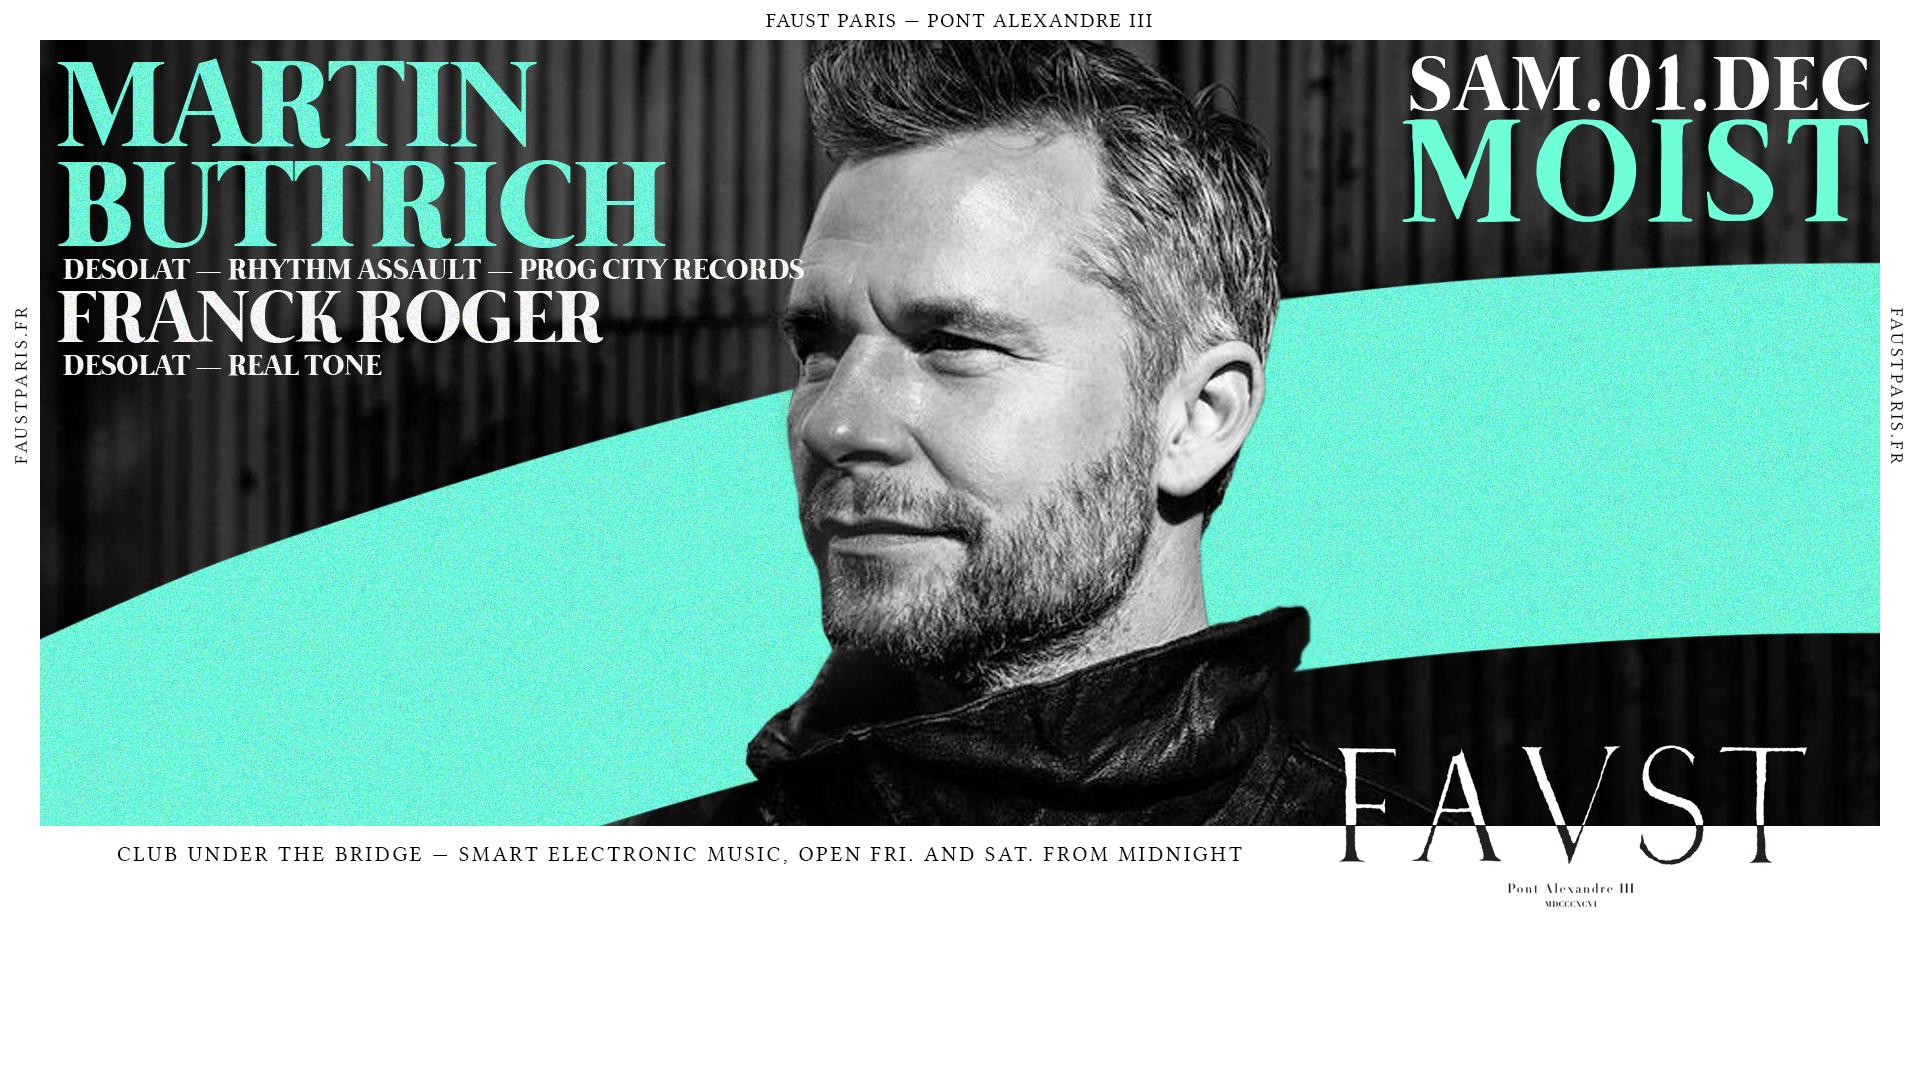 Faust — Moist : Martin Buttrich, Franck Roger